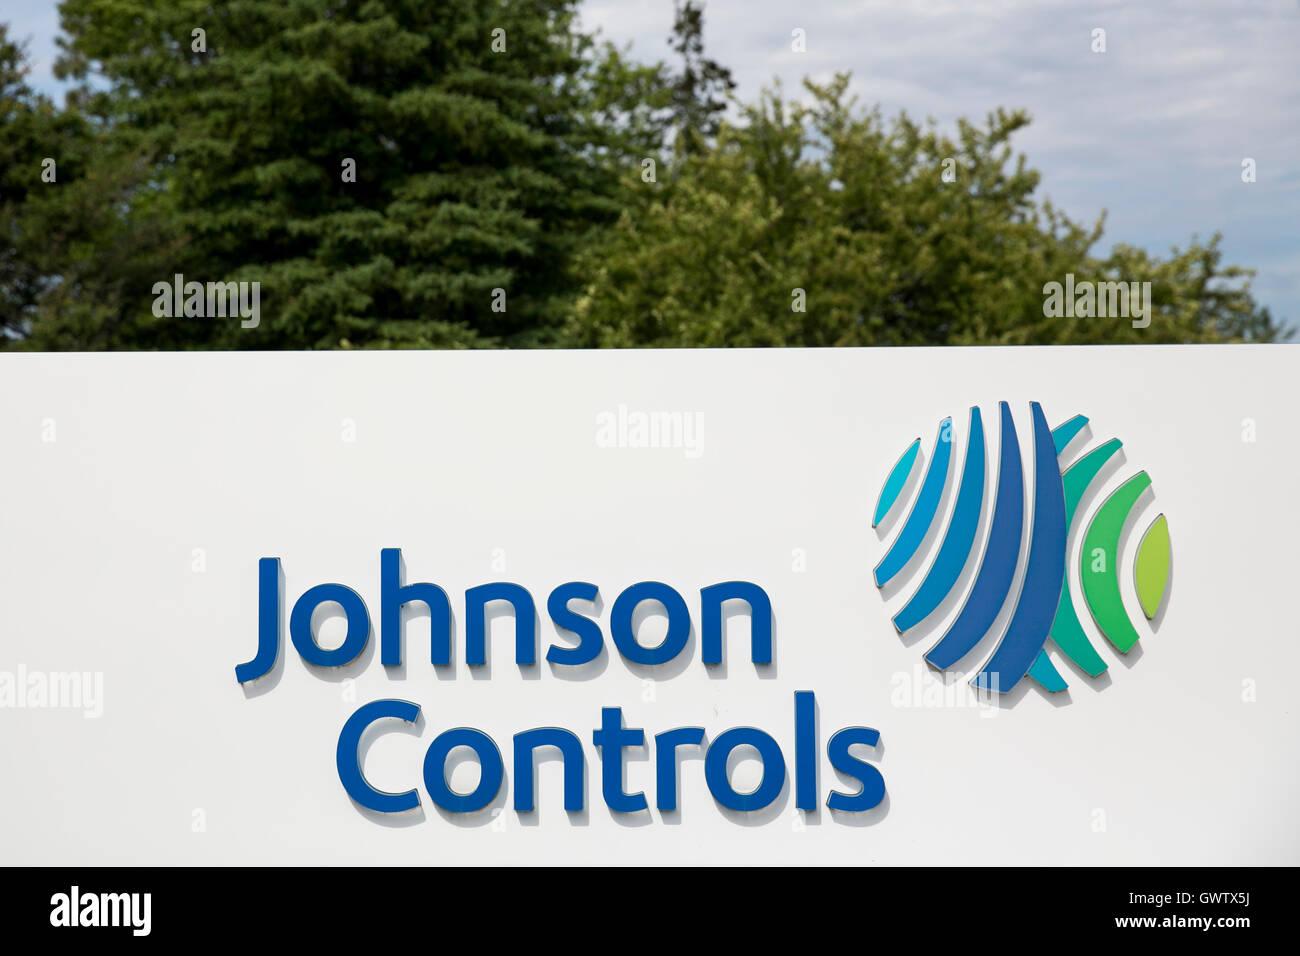 Johnson Controls Logo Stock Photos & Johnson Controls Logo